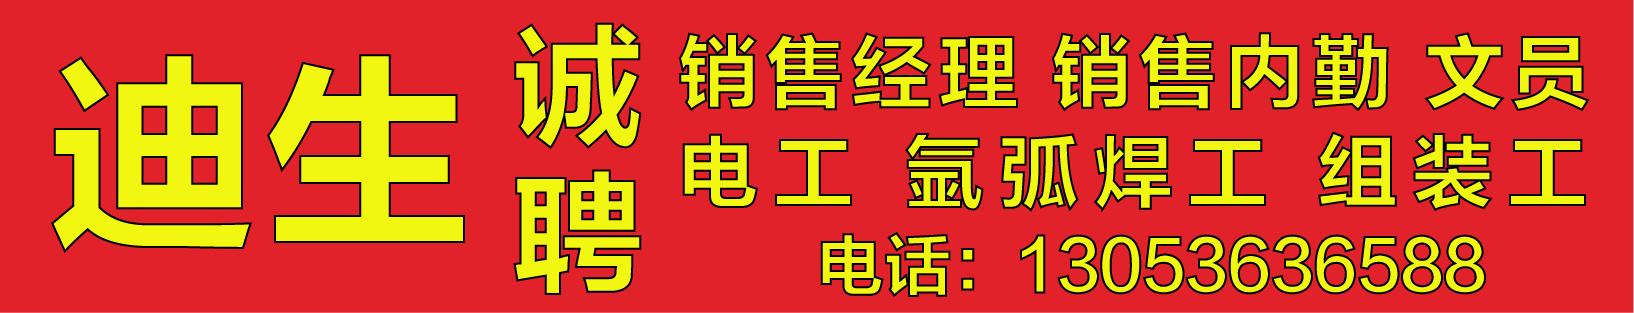 青州市迪生自動化設備有限公司